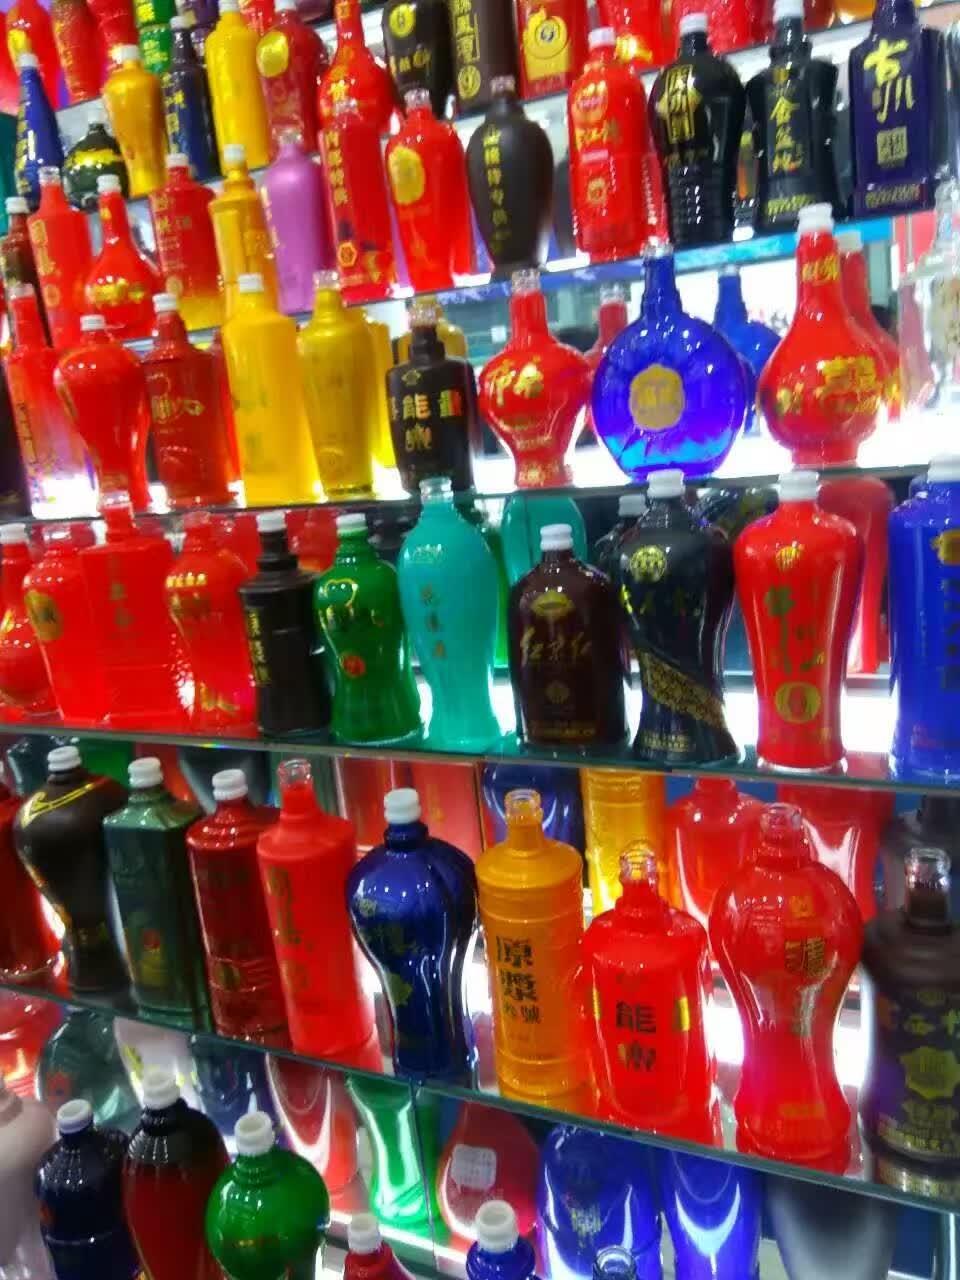 酒瓶玻璃丝印油墨玻璃瓶印刷油墨酒瓶丝印油墨香水瓶丝印油墨化妆品玻璃瓶油墨